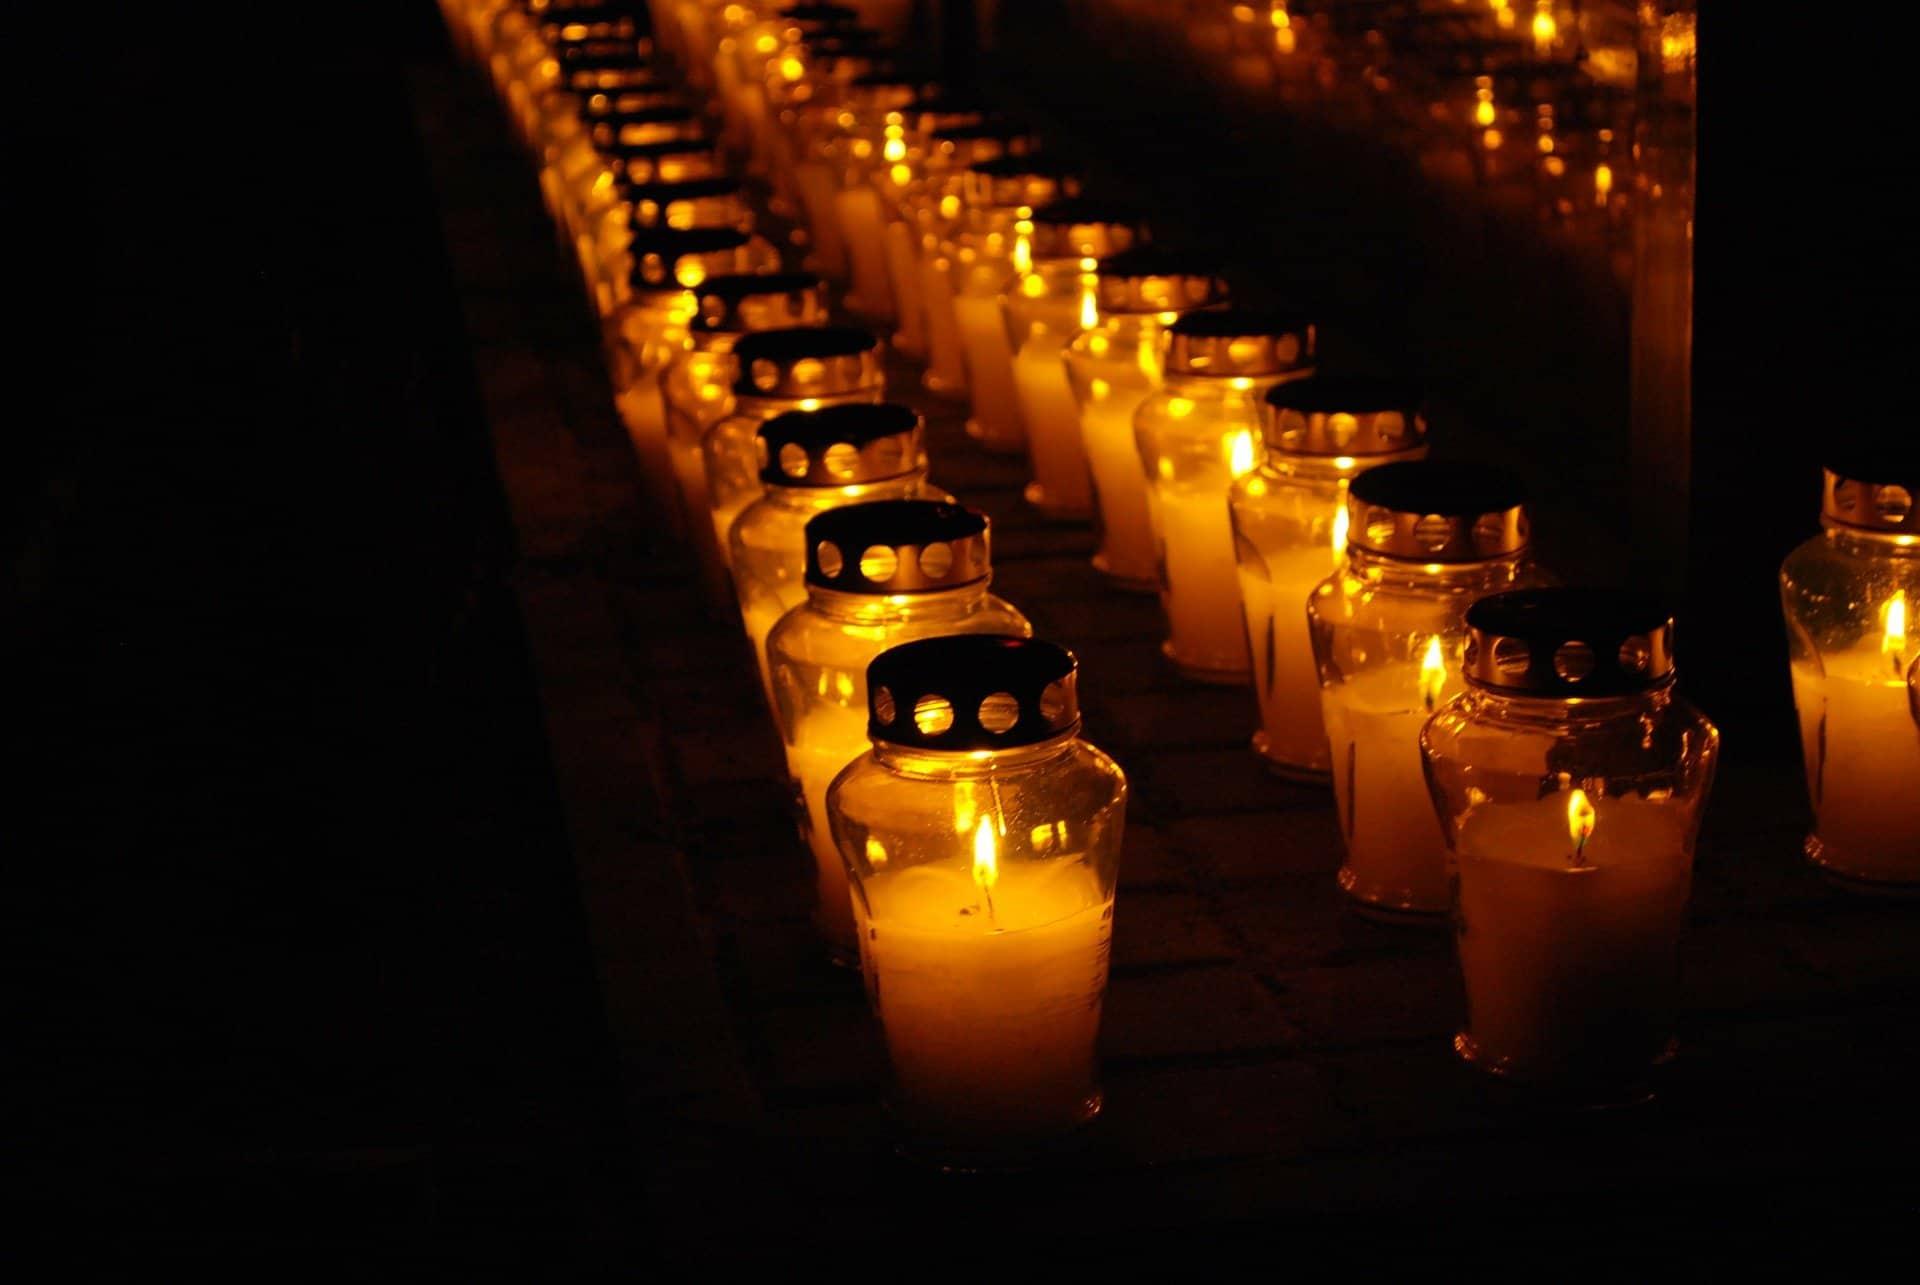 Zapalone nocą znicze nacmenatrzu - pogotowie pogrzebowe - zakłady pogrzebowe